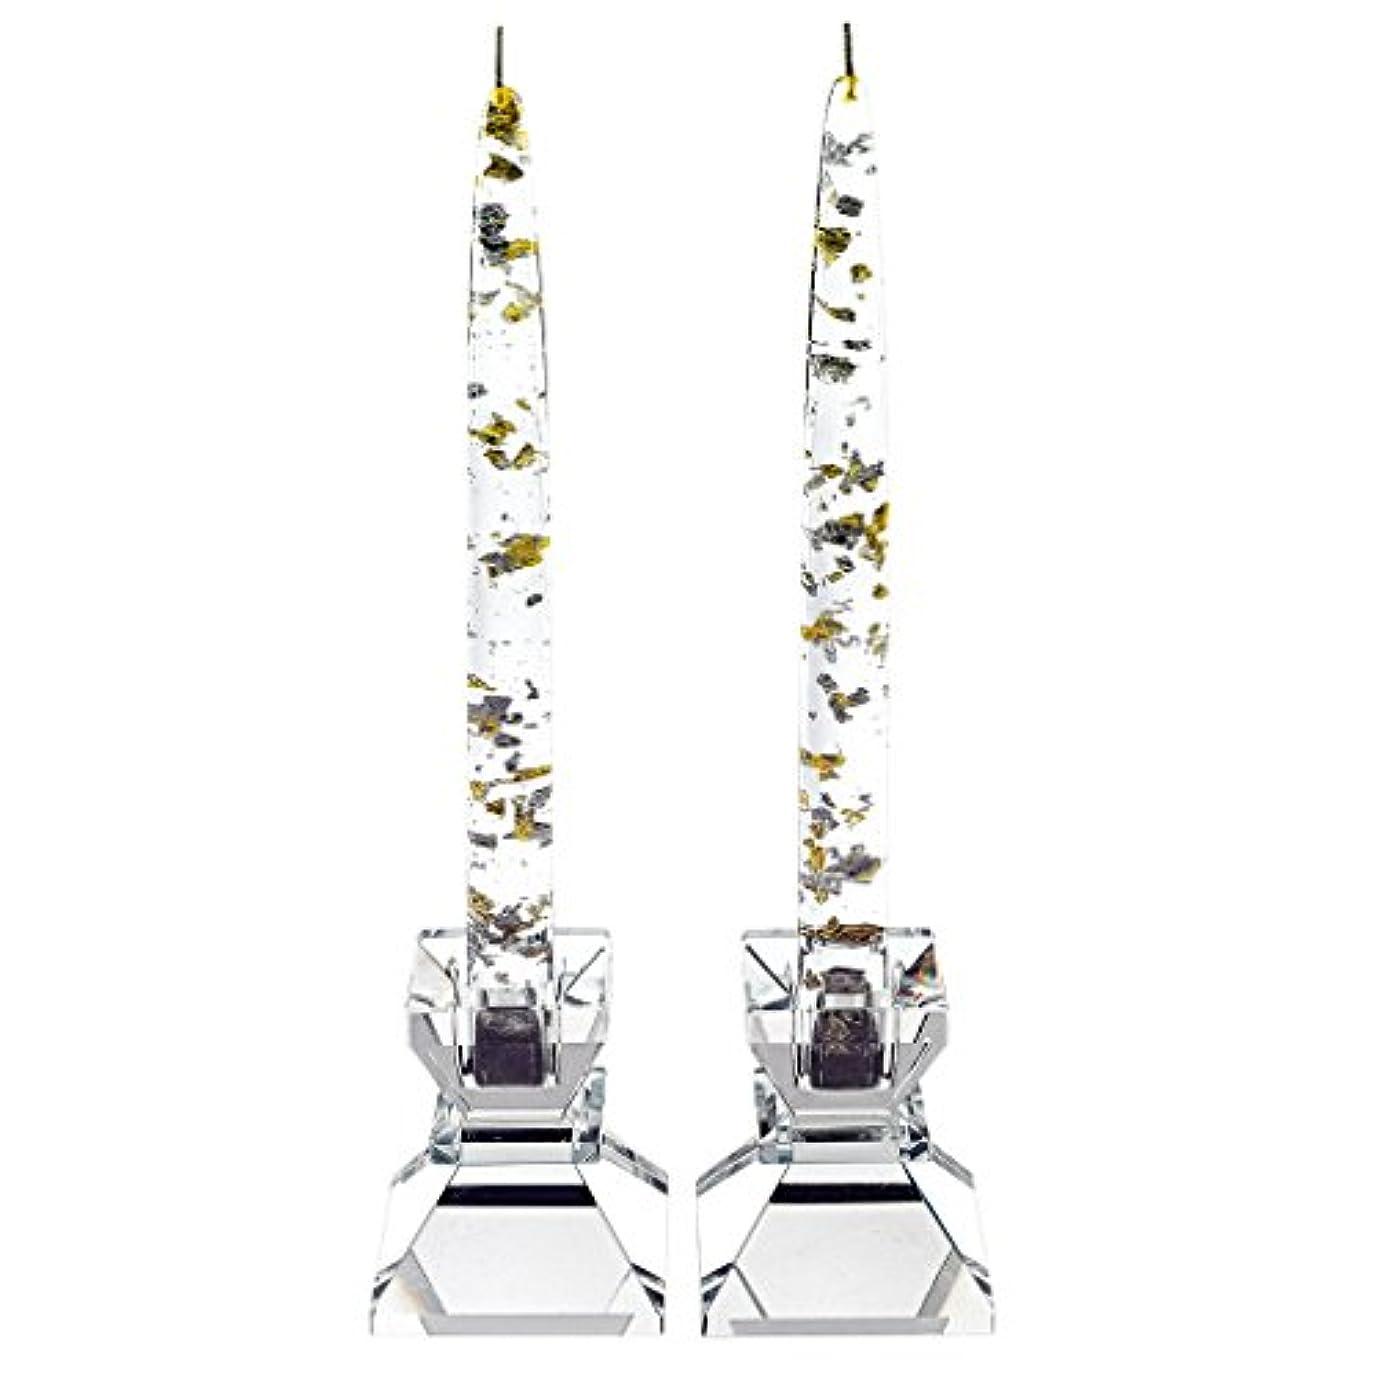 コーナーポンプ正当なBadash Crystal G121 SILVER - GOLD FLECK 8 in. CANDLE